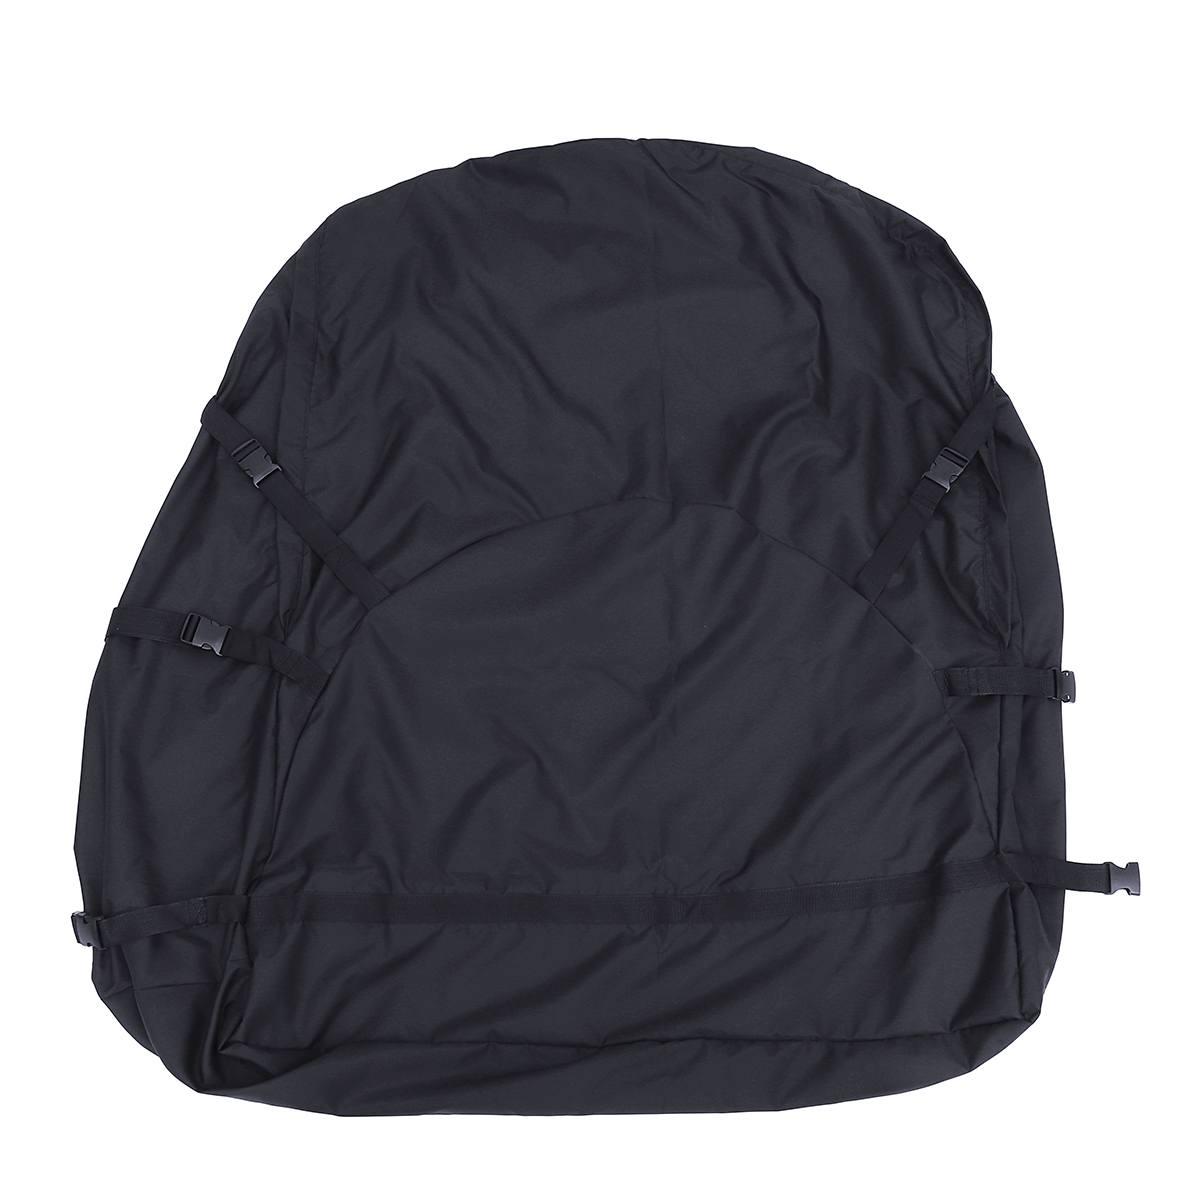 130X100X45 cm sac de toit de voiture sac de toit supérieur porte-bagages transporteur de bagages voyage étanche Touring SUV Van pour les voitures - 6